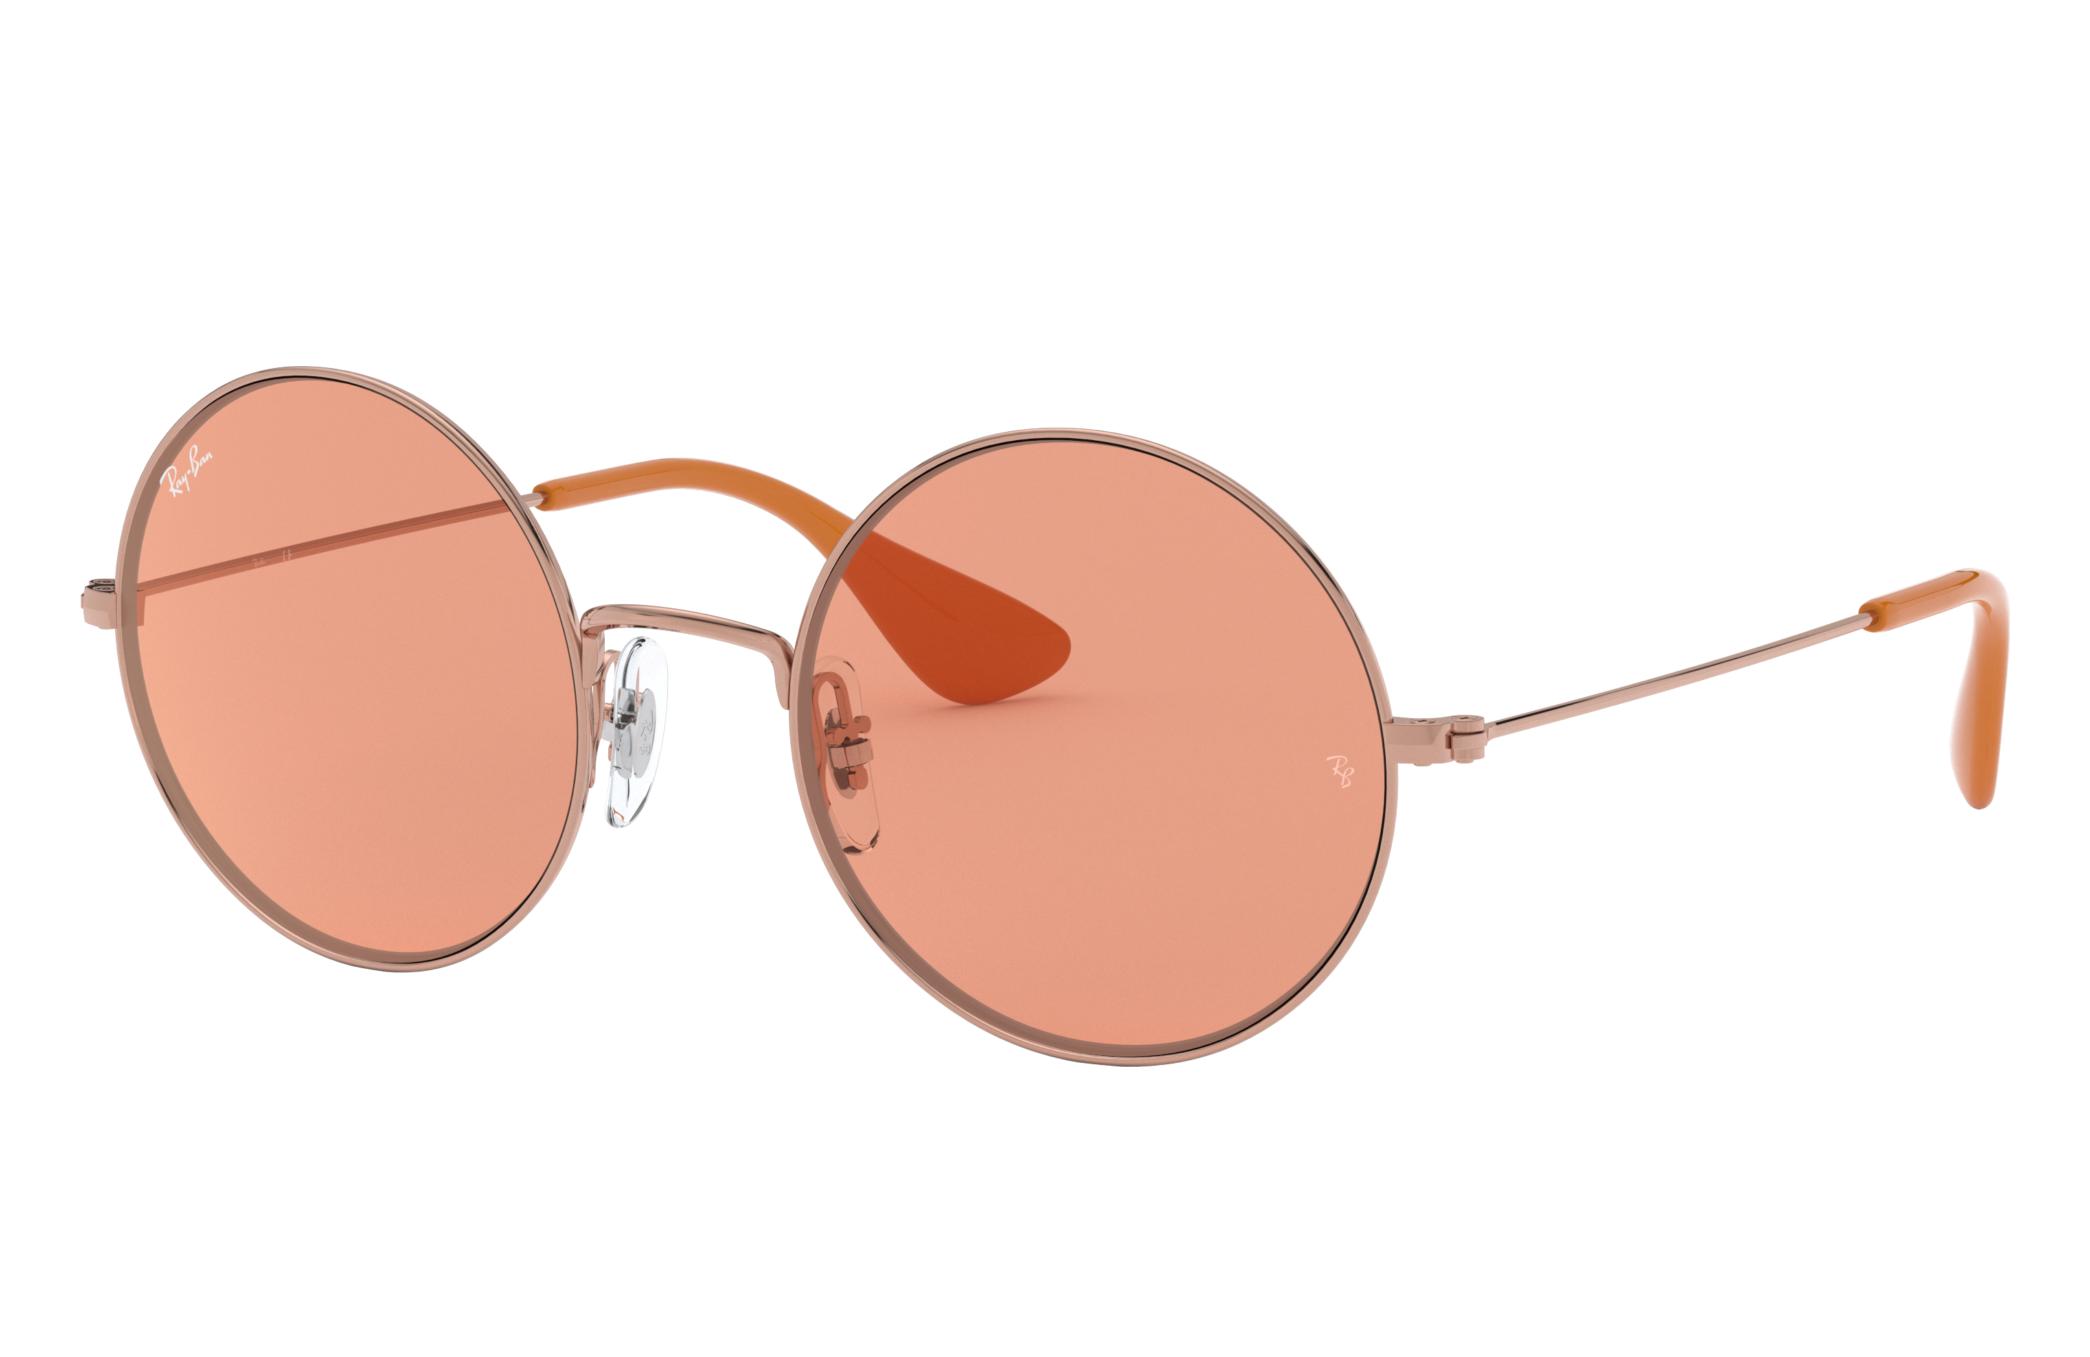 Ray-Ban Ja-jo Bronze-Copper, Orange Lenses - RB3592